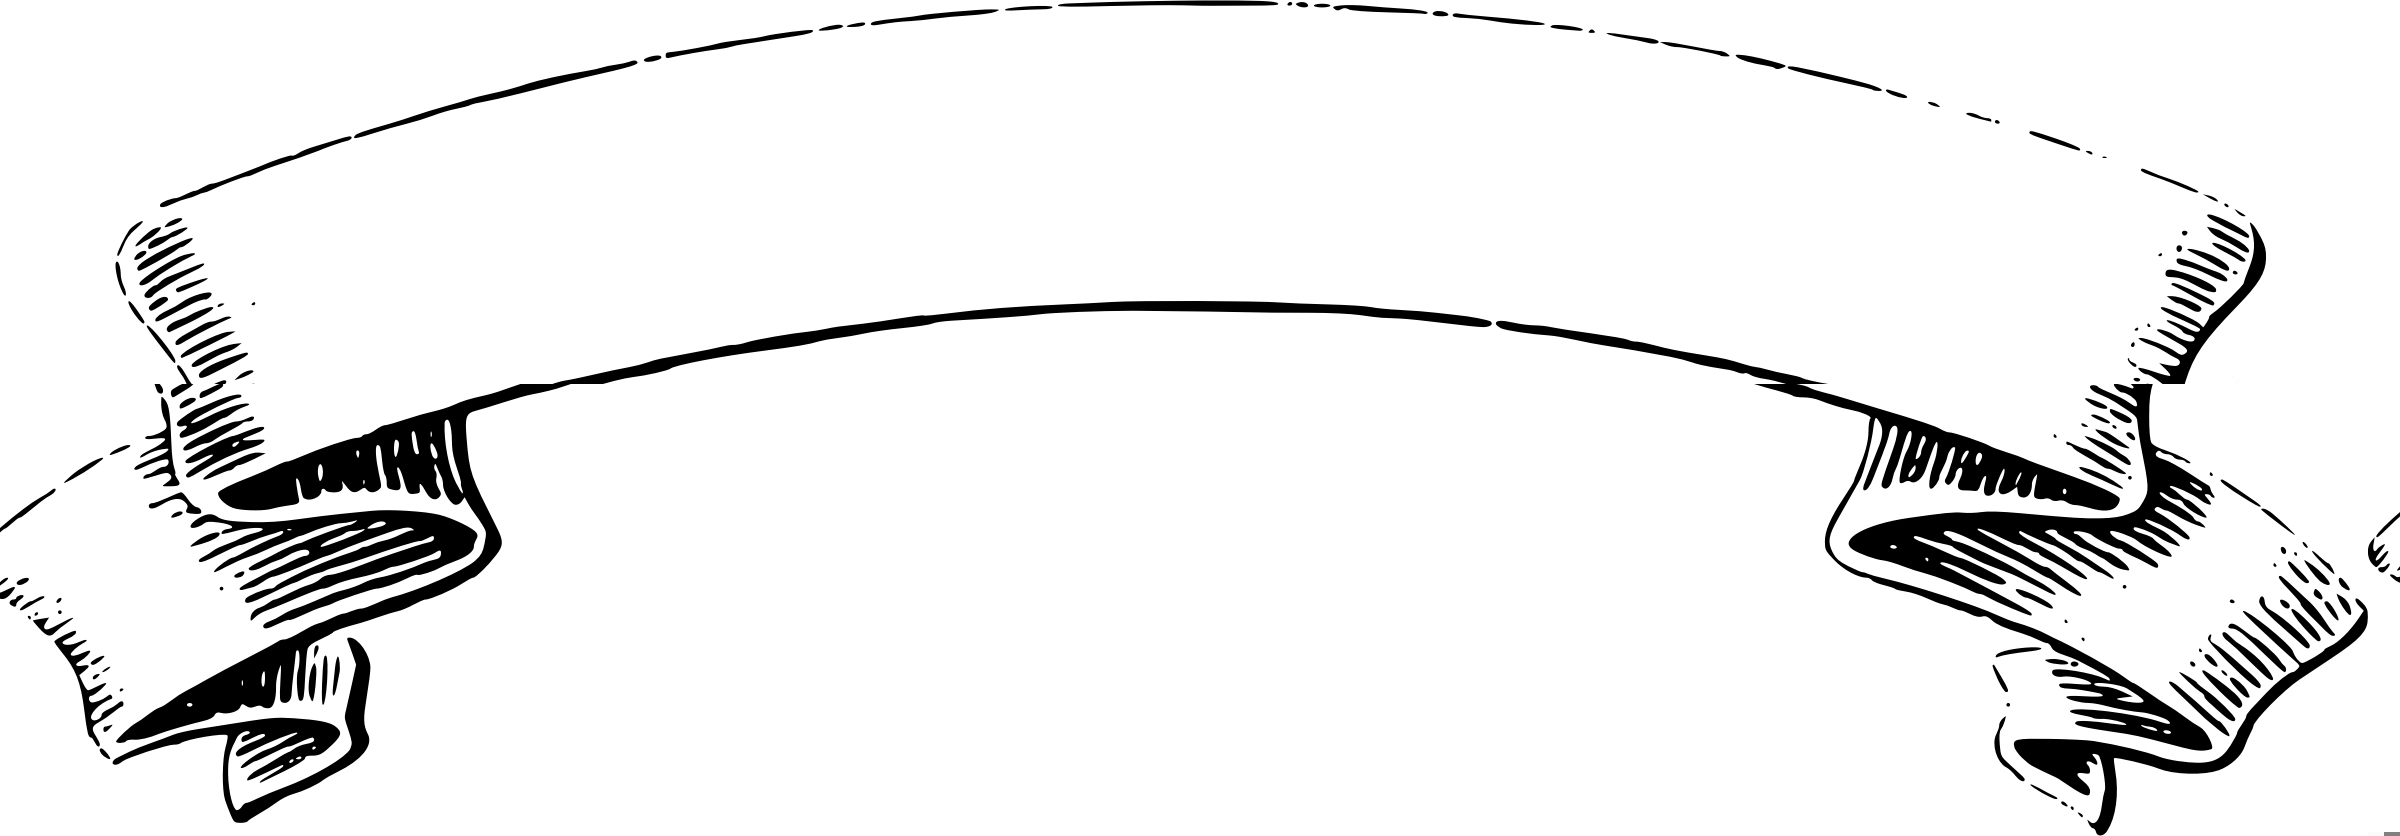 A clipart transparent background. Banner scrapheap challenge com